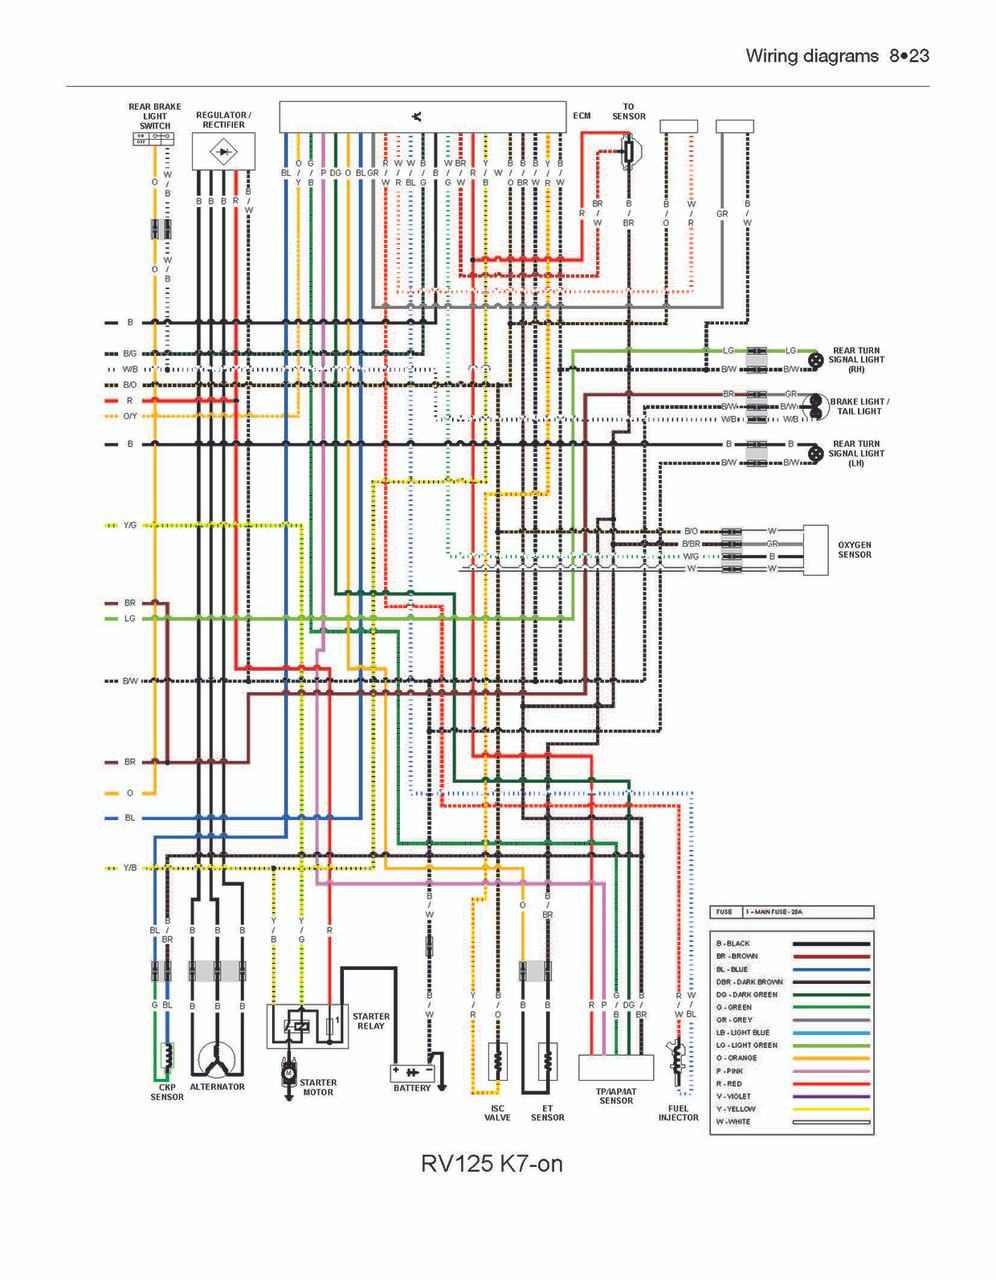 medium resolution of suzuki rv90 wiring diagram wiring library suzuki rv 90 wiring diagram